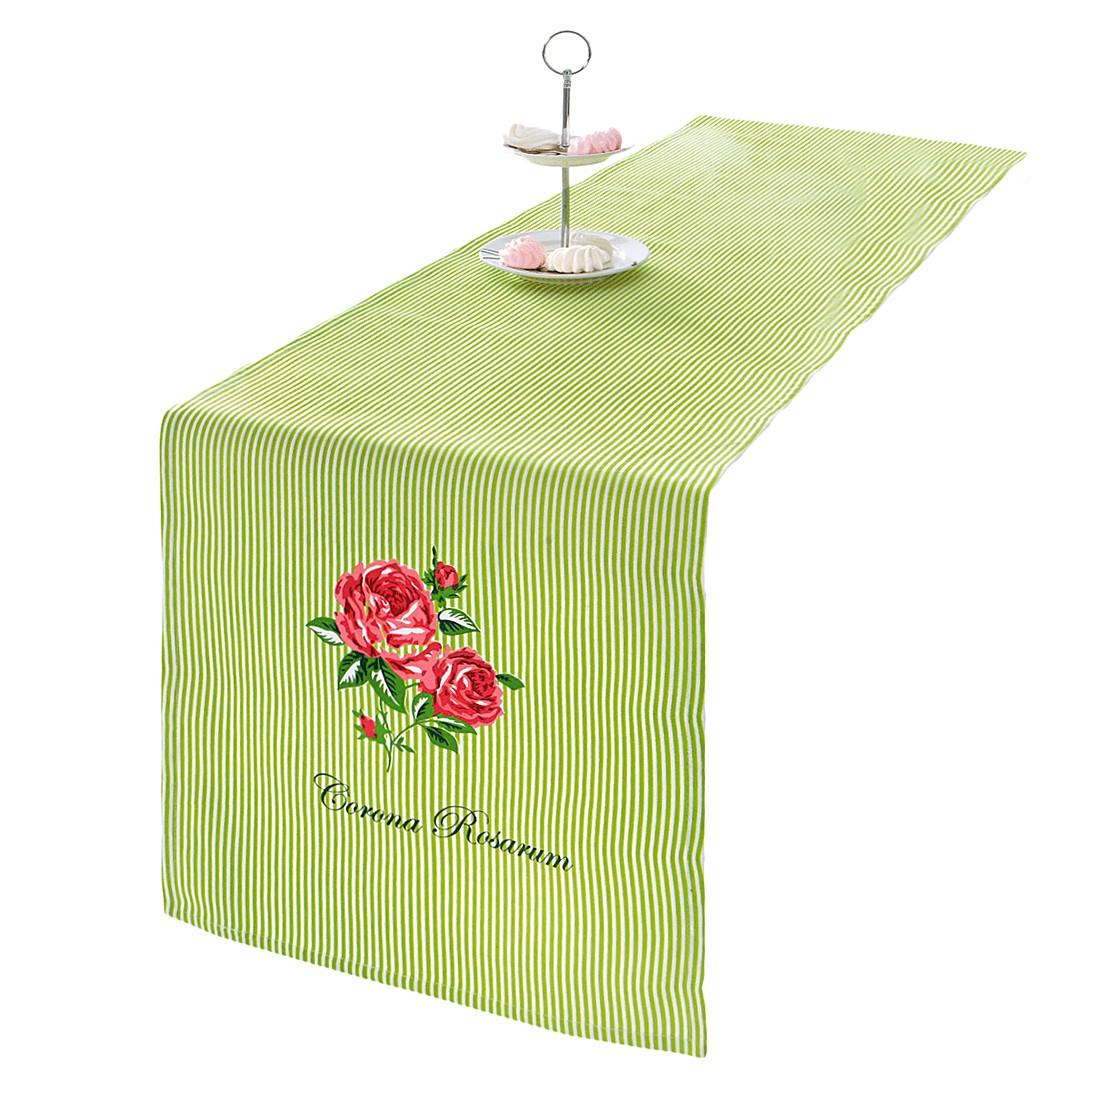 Tischläufer Corona – Baumwolle – Grün/Gestreift, PureDay bestellen